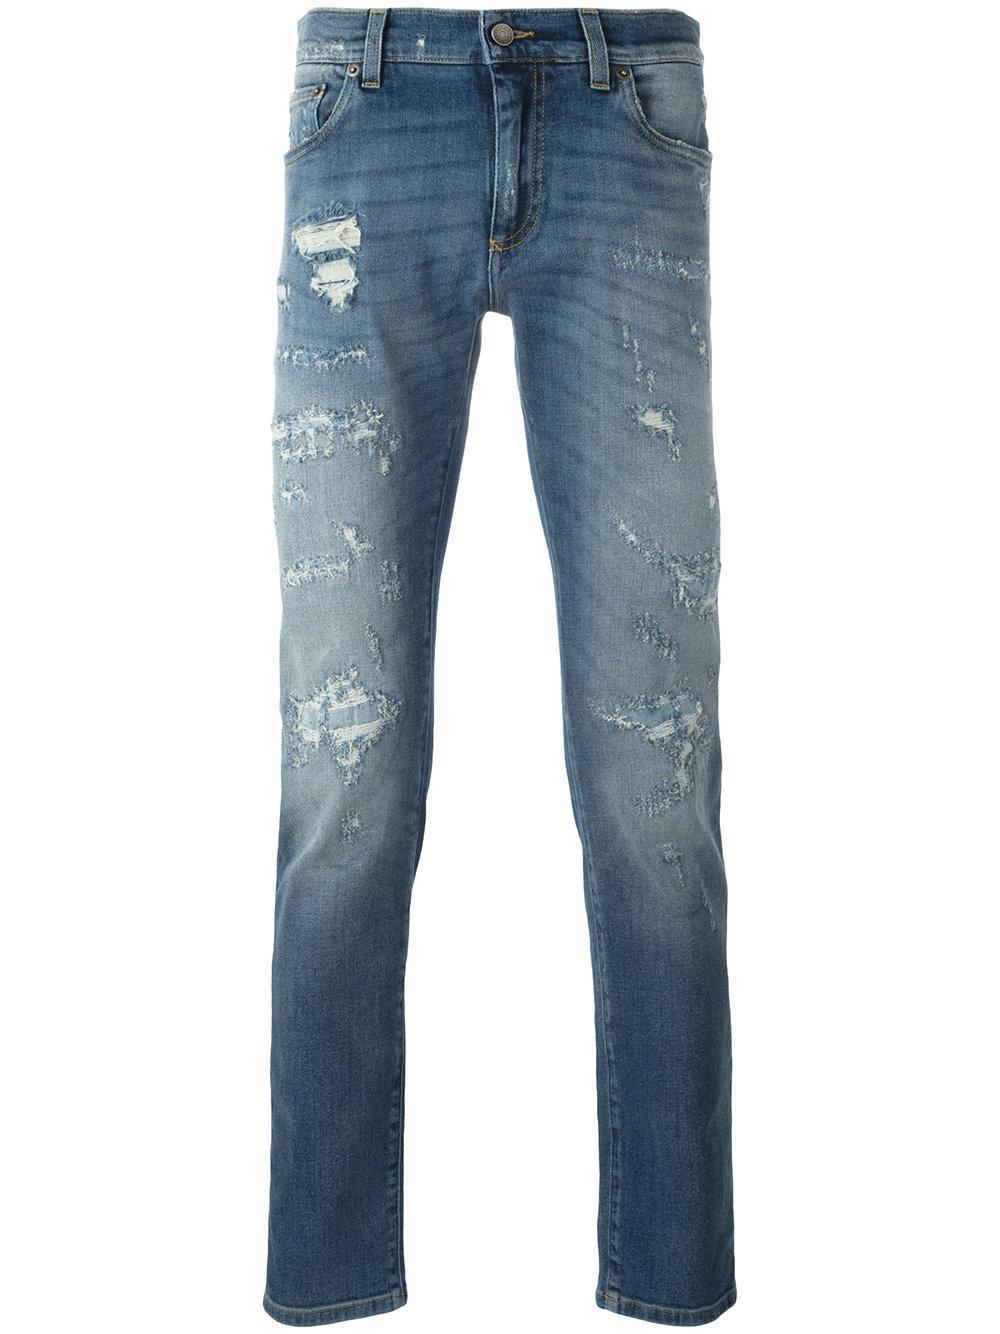 dolce gabbana distressed jeans in blue for men lyst. Black Bedroom Furniture Sets. Home Design Ideas